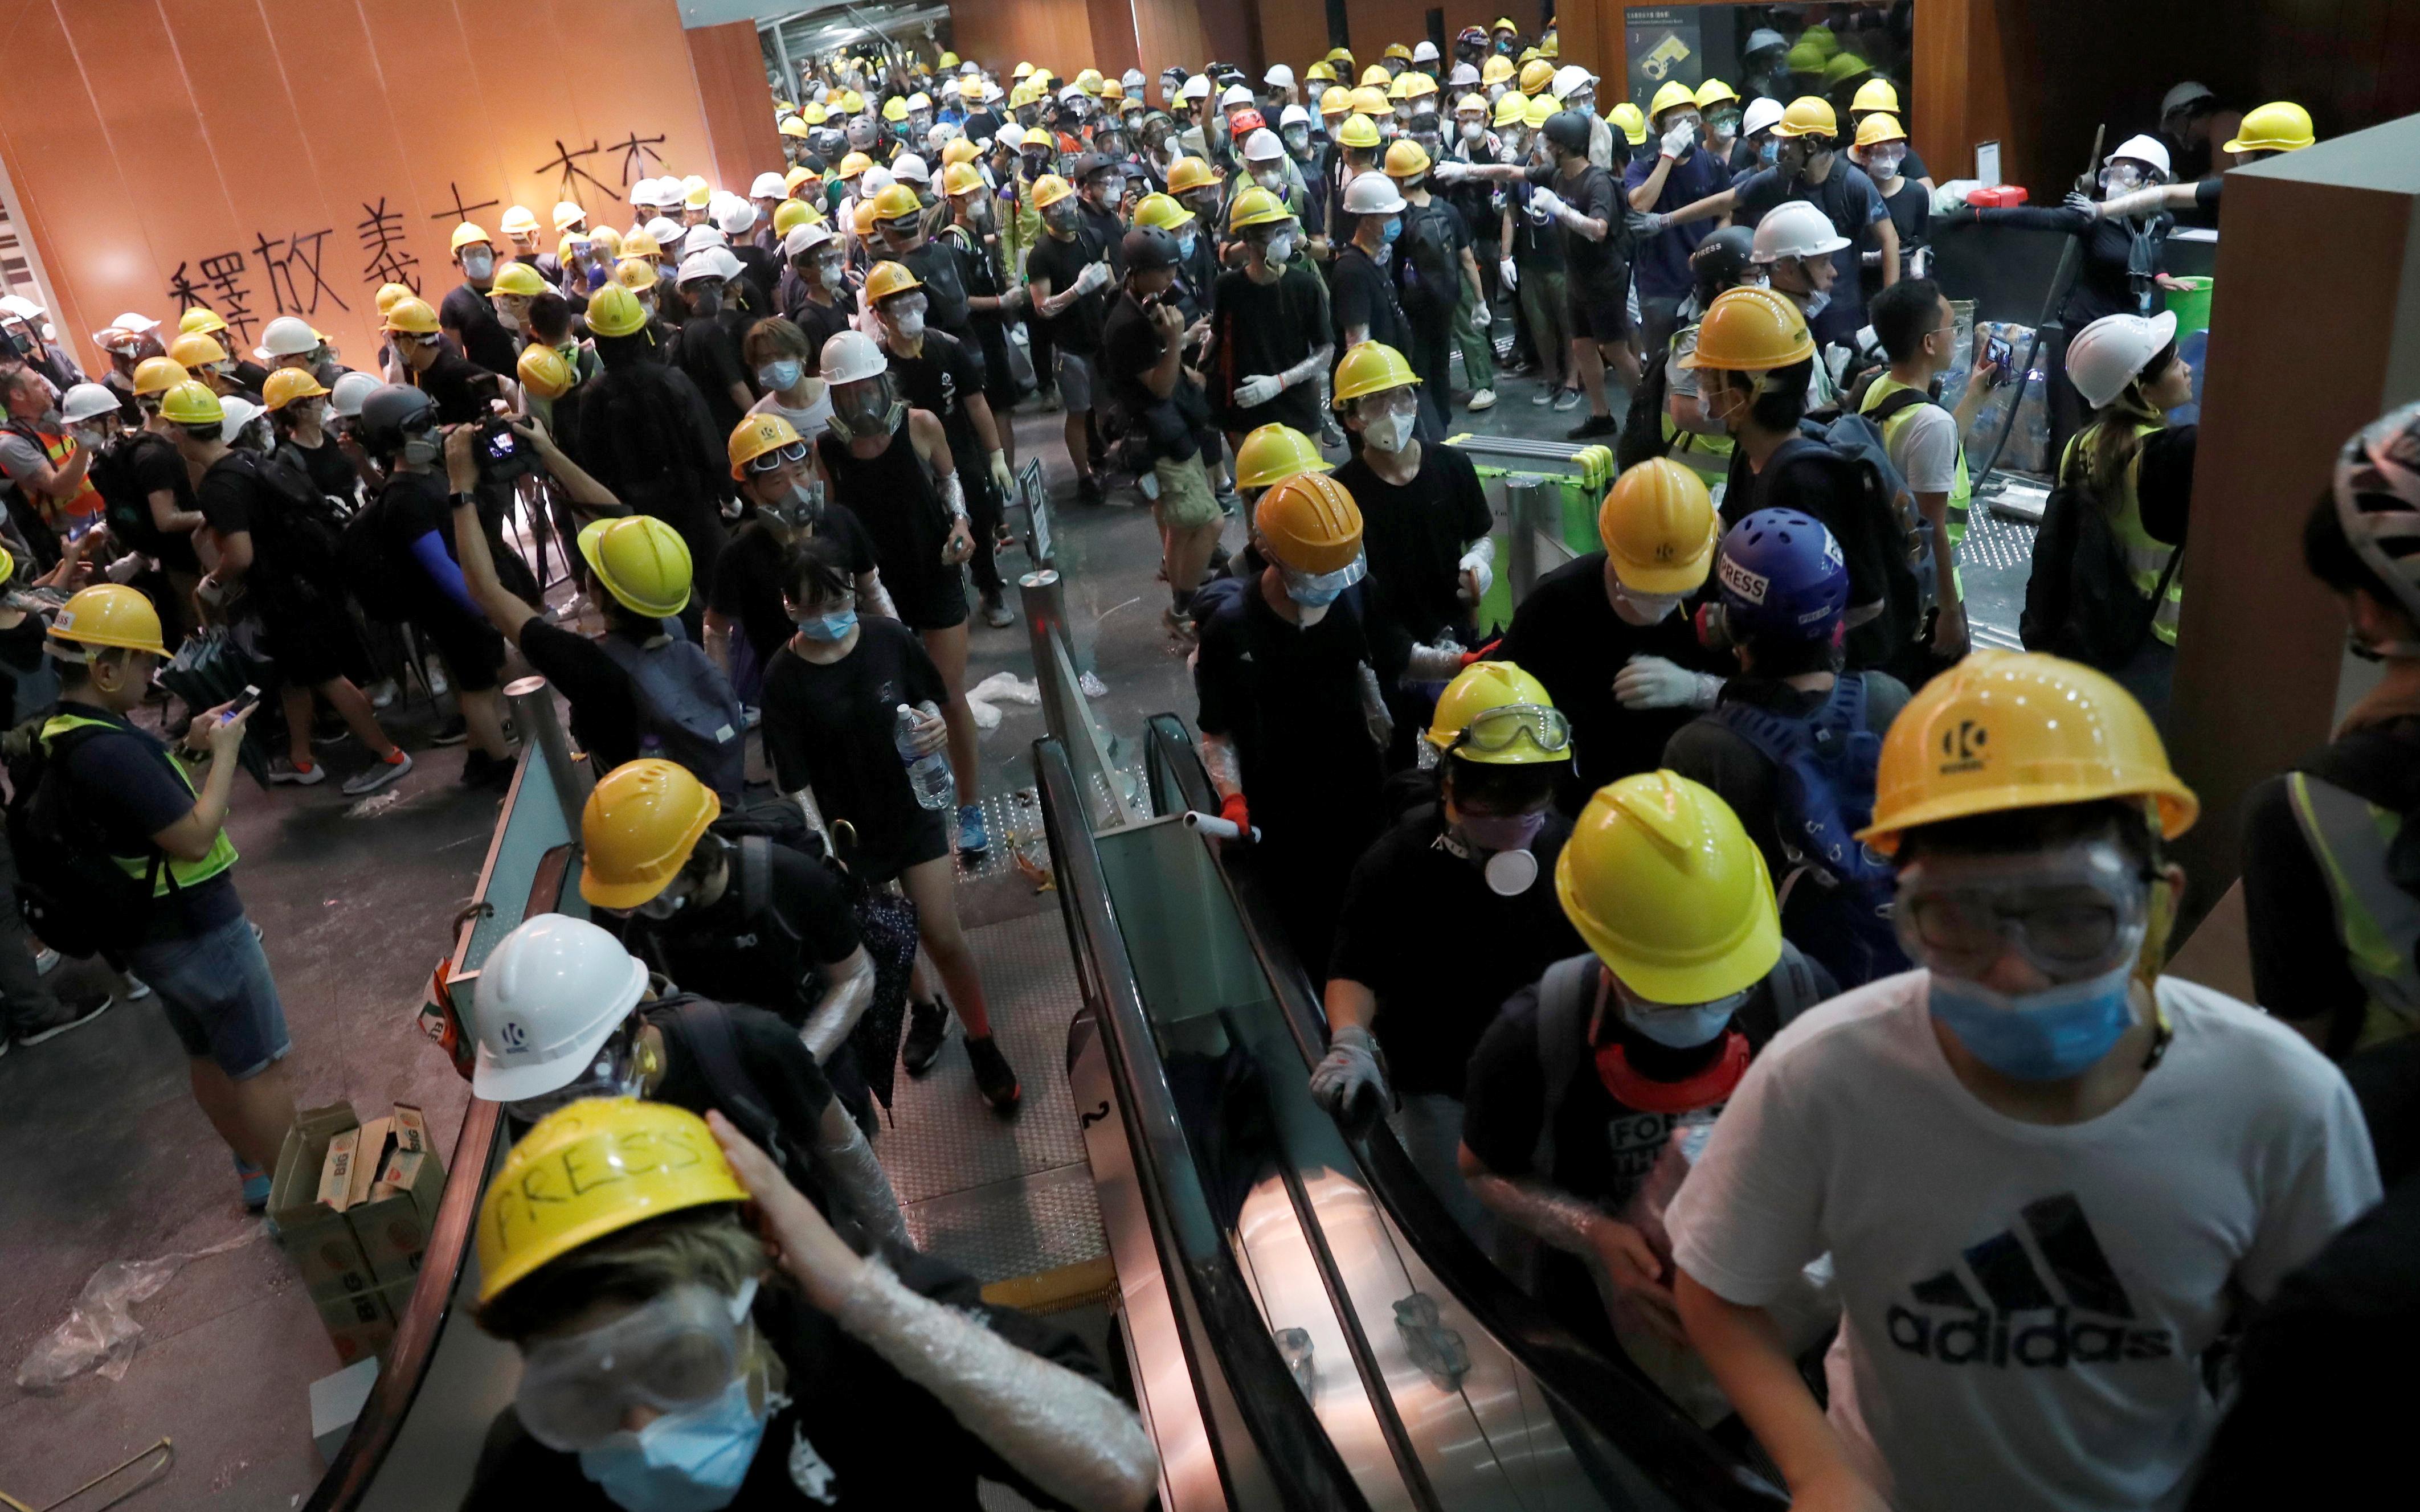 Les manifestants de Hong Kong se déchaînent devant l'Assemblée législative, brisant des peintures, des portes et des murs